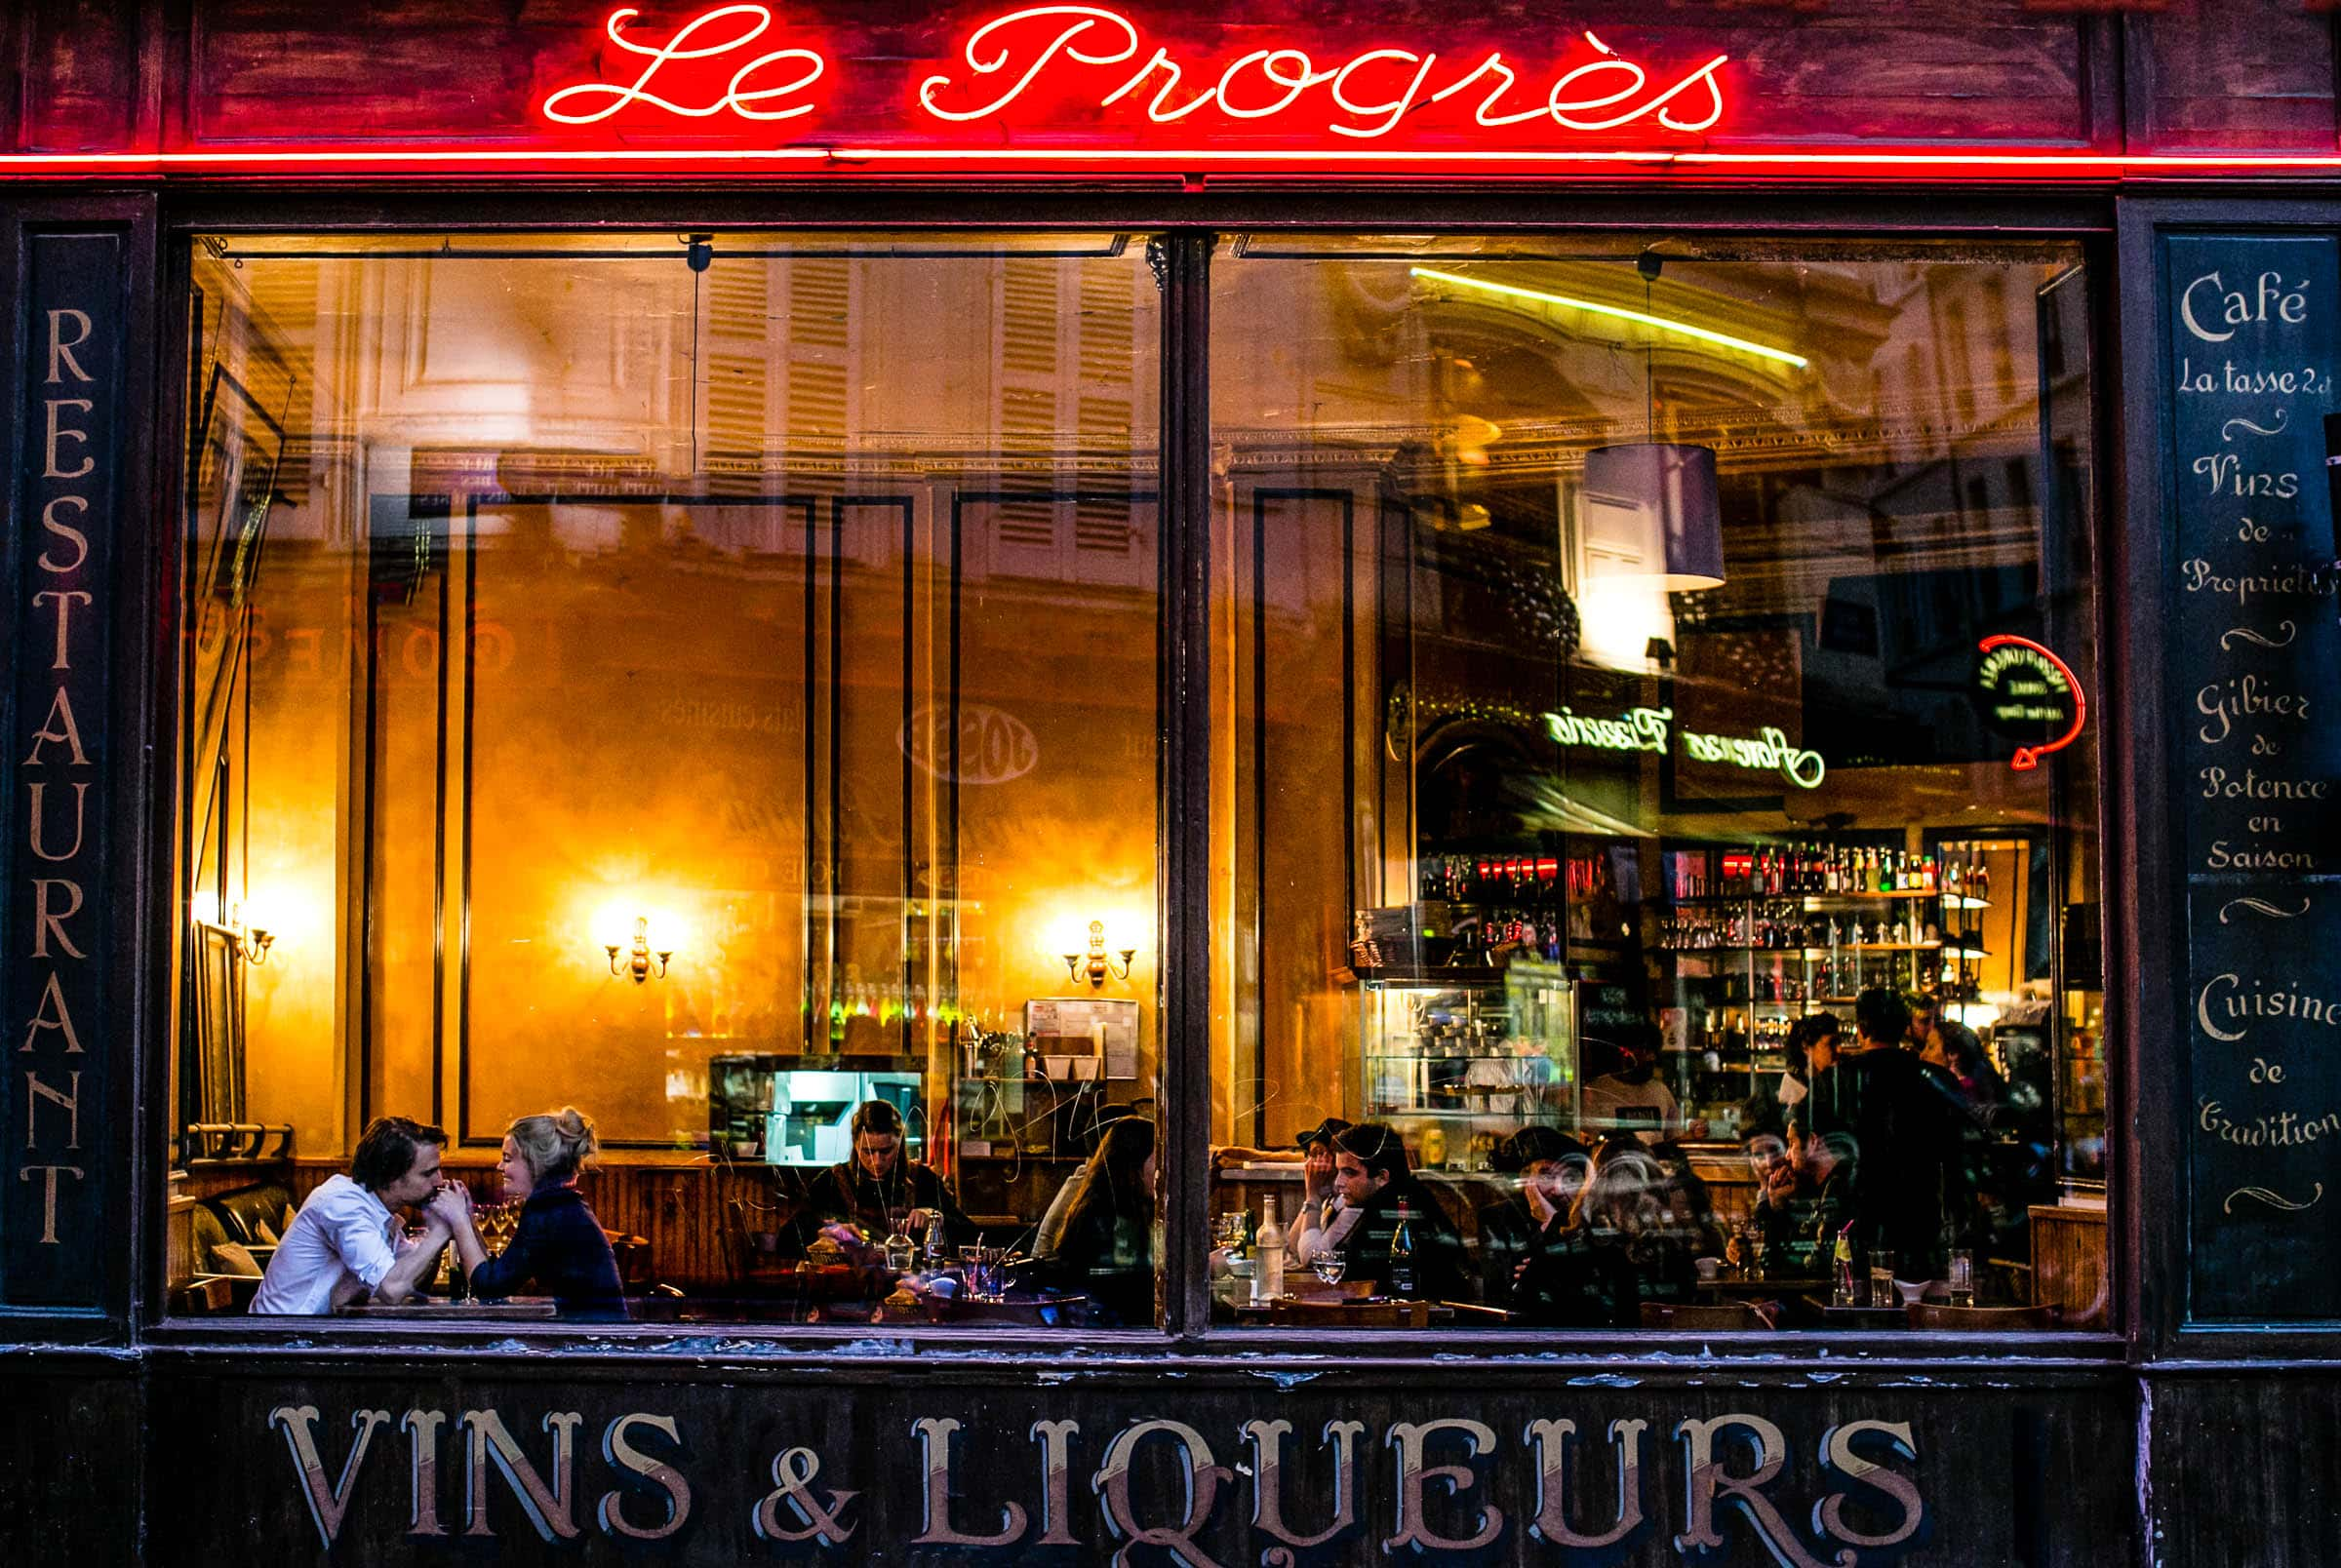 Engagement photo at Vins & Liqueurs in Paris, France.